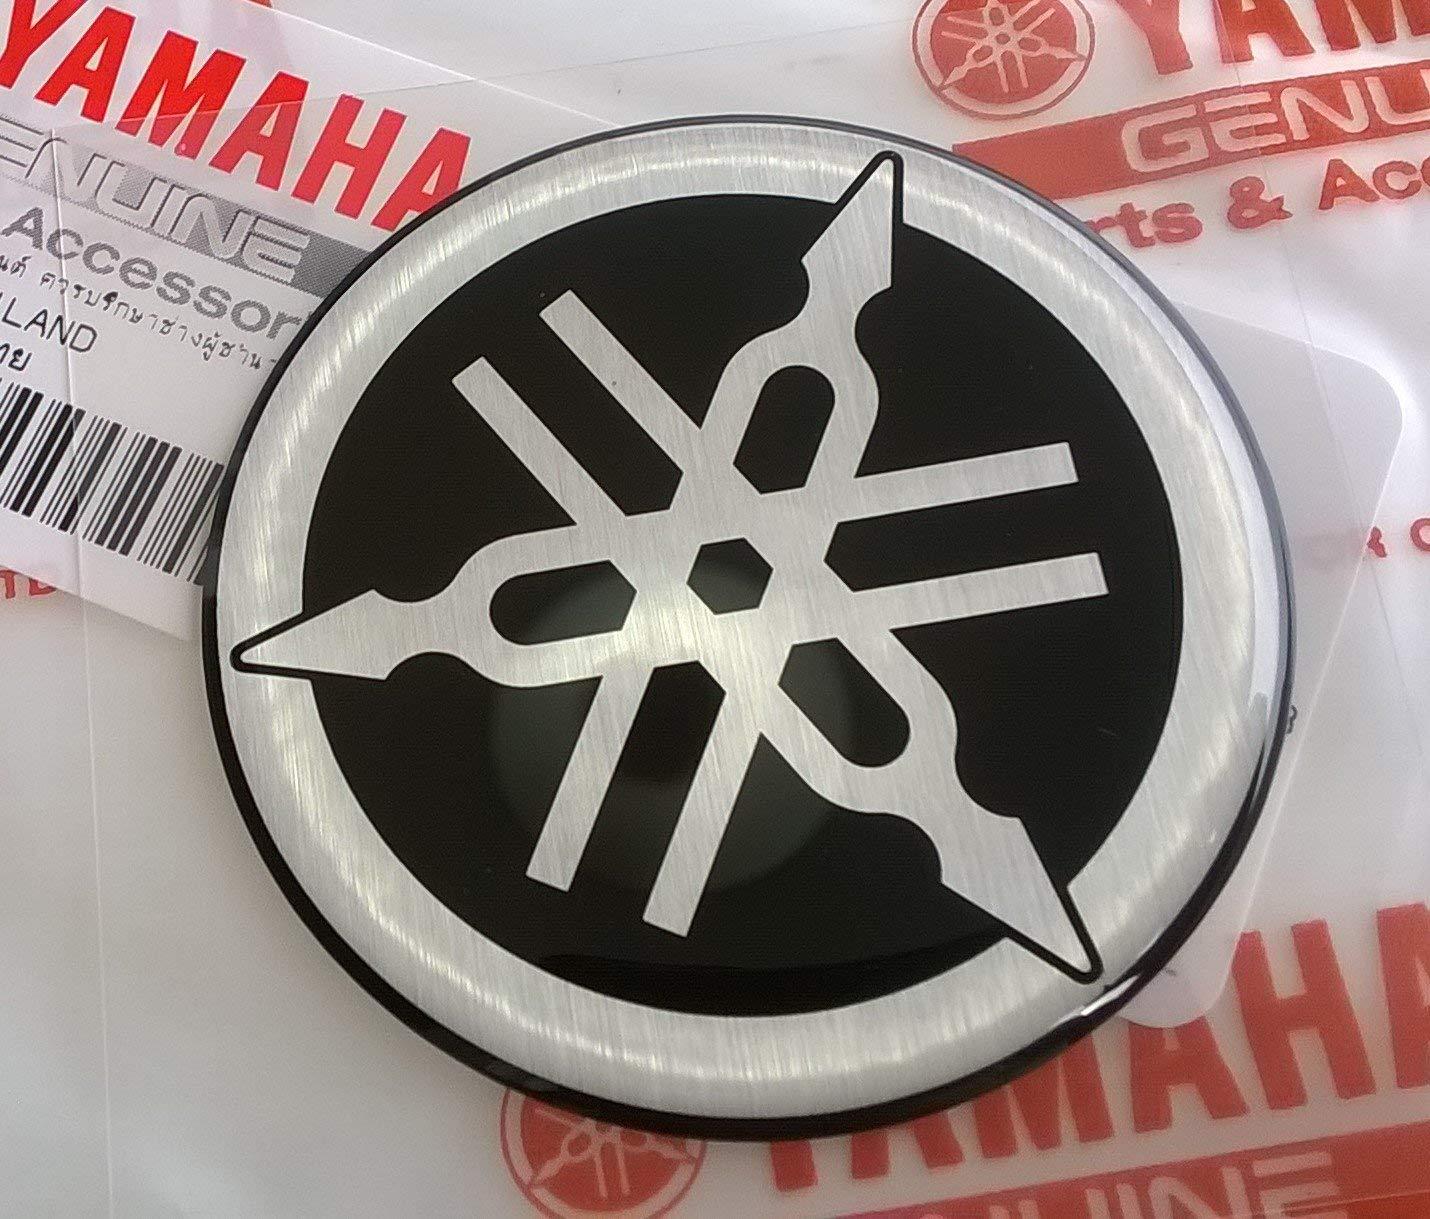 100% GENUINE 50mm Diamètre YAMAHA TUNING FOURCHE Autocollant Emblème Logo noir / ARGENT surélevé bombé Gel Résine Autoadhésif Moto / Jet Ski / ATV / Motoneige